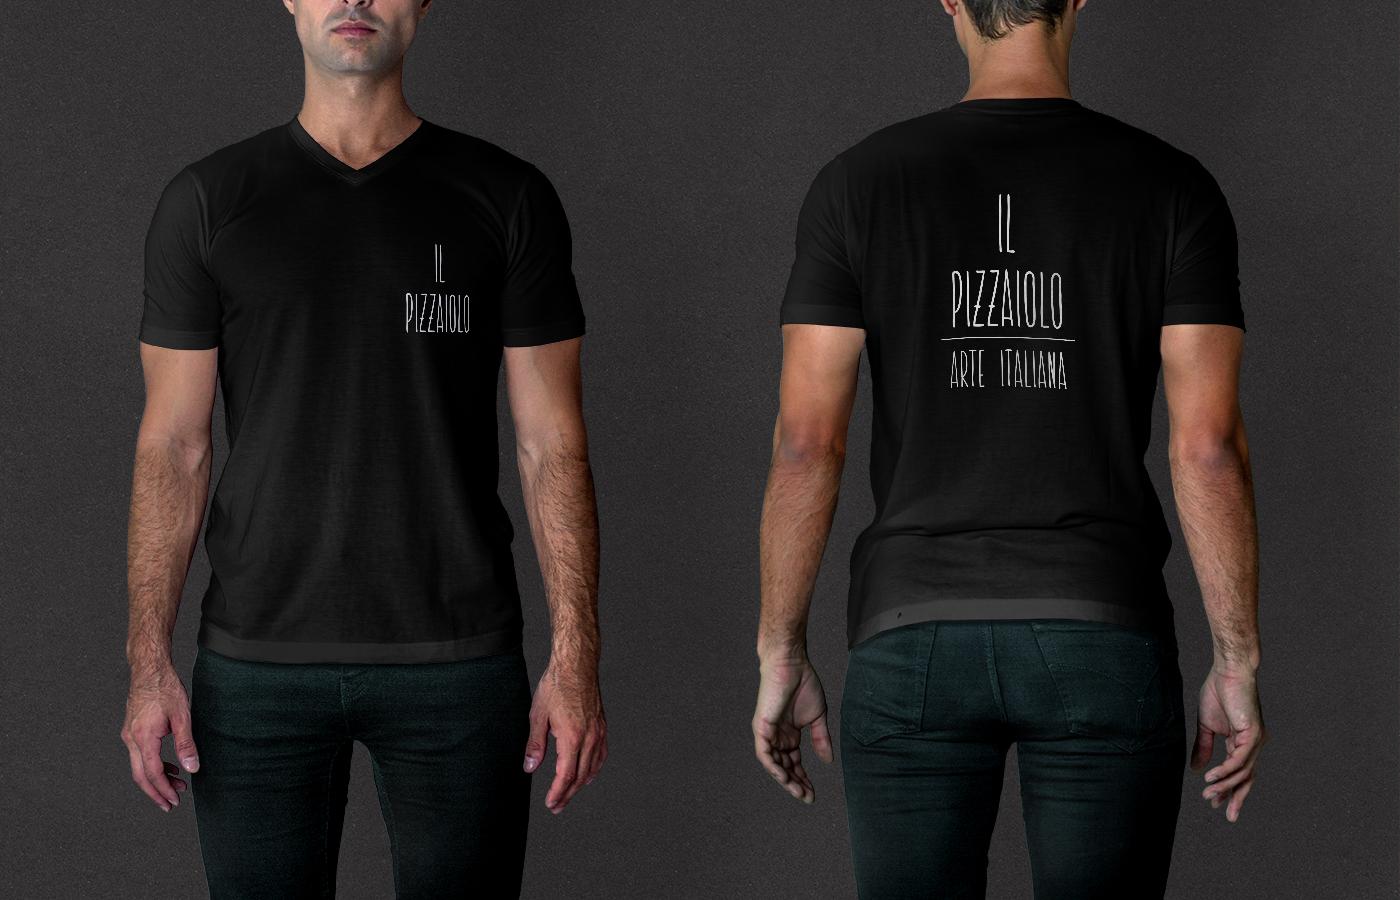 il_pizzaiolo_shirts.jpg